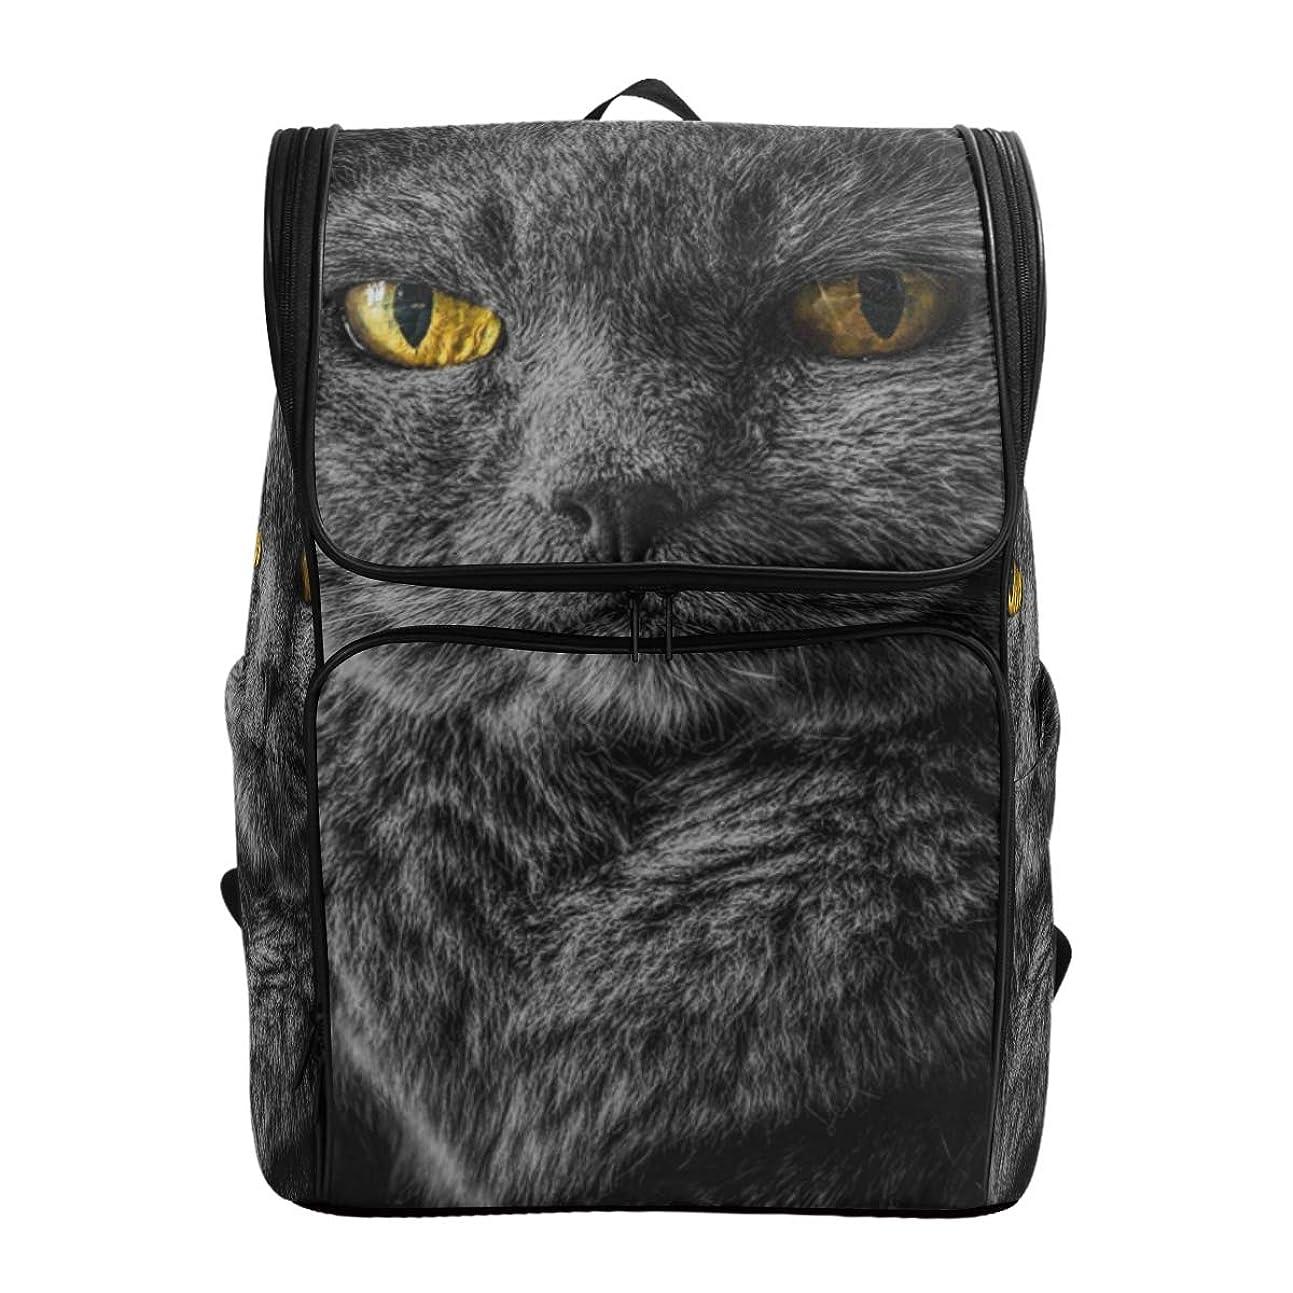 霧深いラウンジシネウィマキク(MAKIKU) リュック 大容量 メンズ 猫柄 黒猫 リュックサック 軽量 レディーズ 登山 通学 通勤 旅行 プレゼント対応